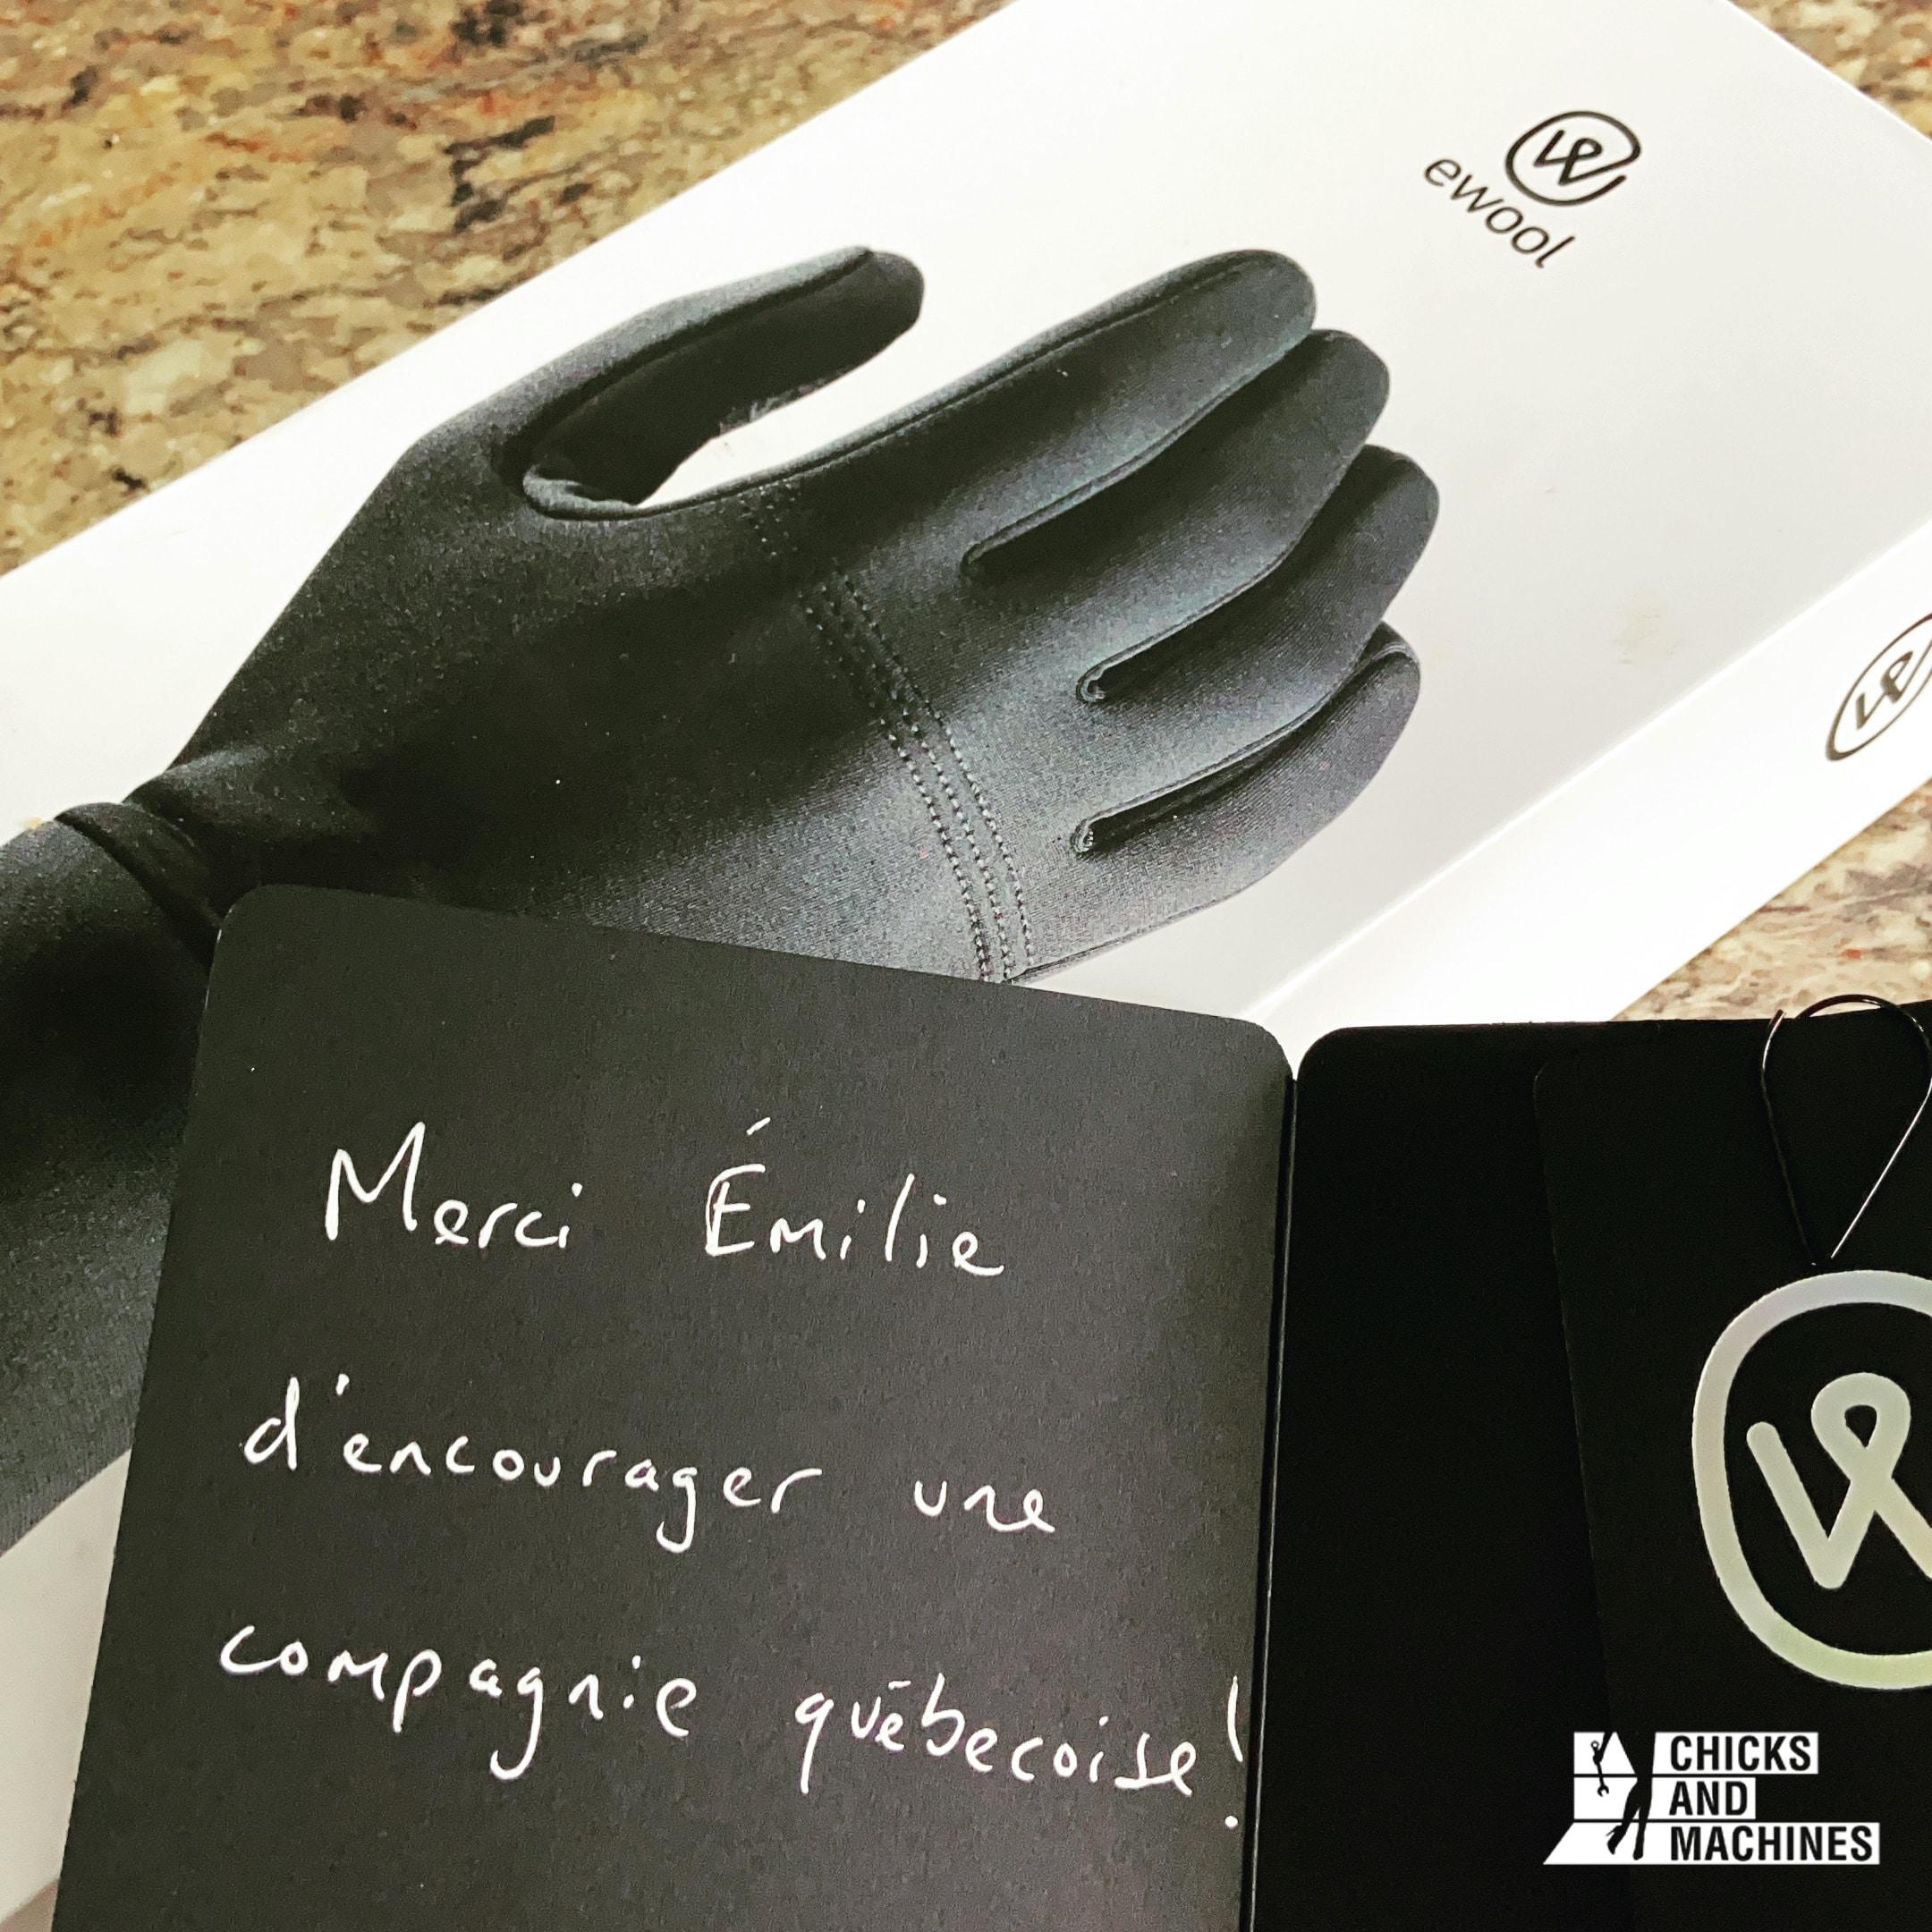 Le beau message qu'a reçu Emi à l'ouverture de son paquet.